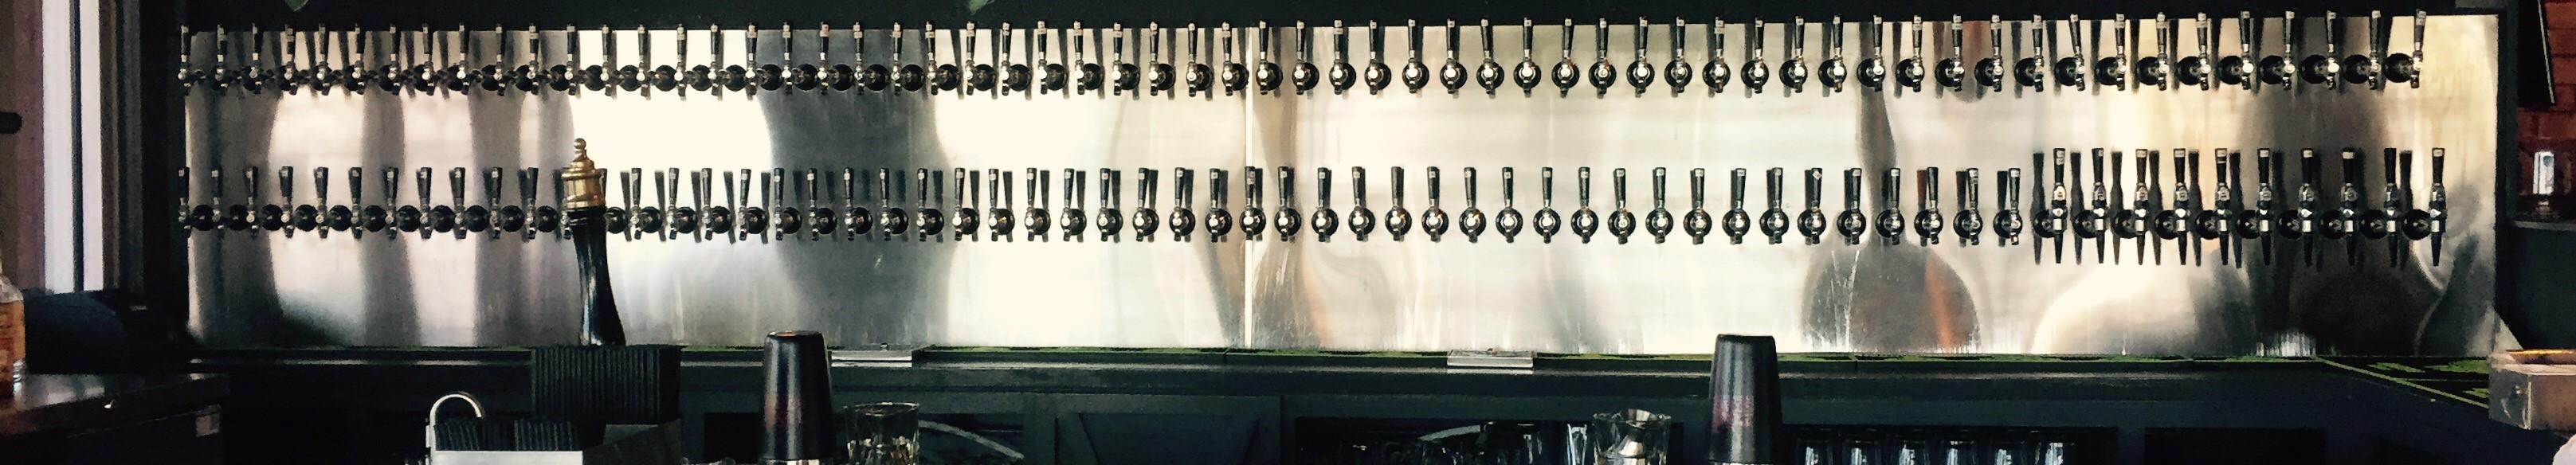 DD bar tap